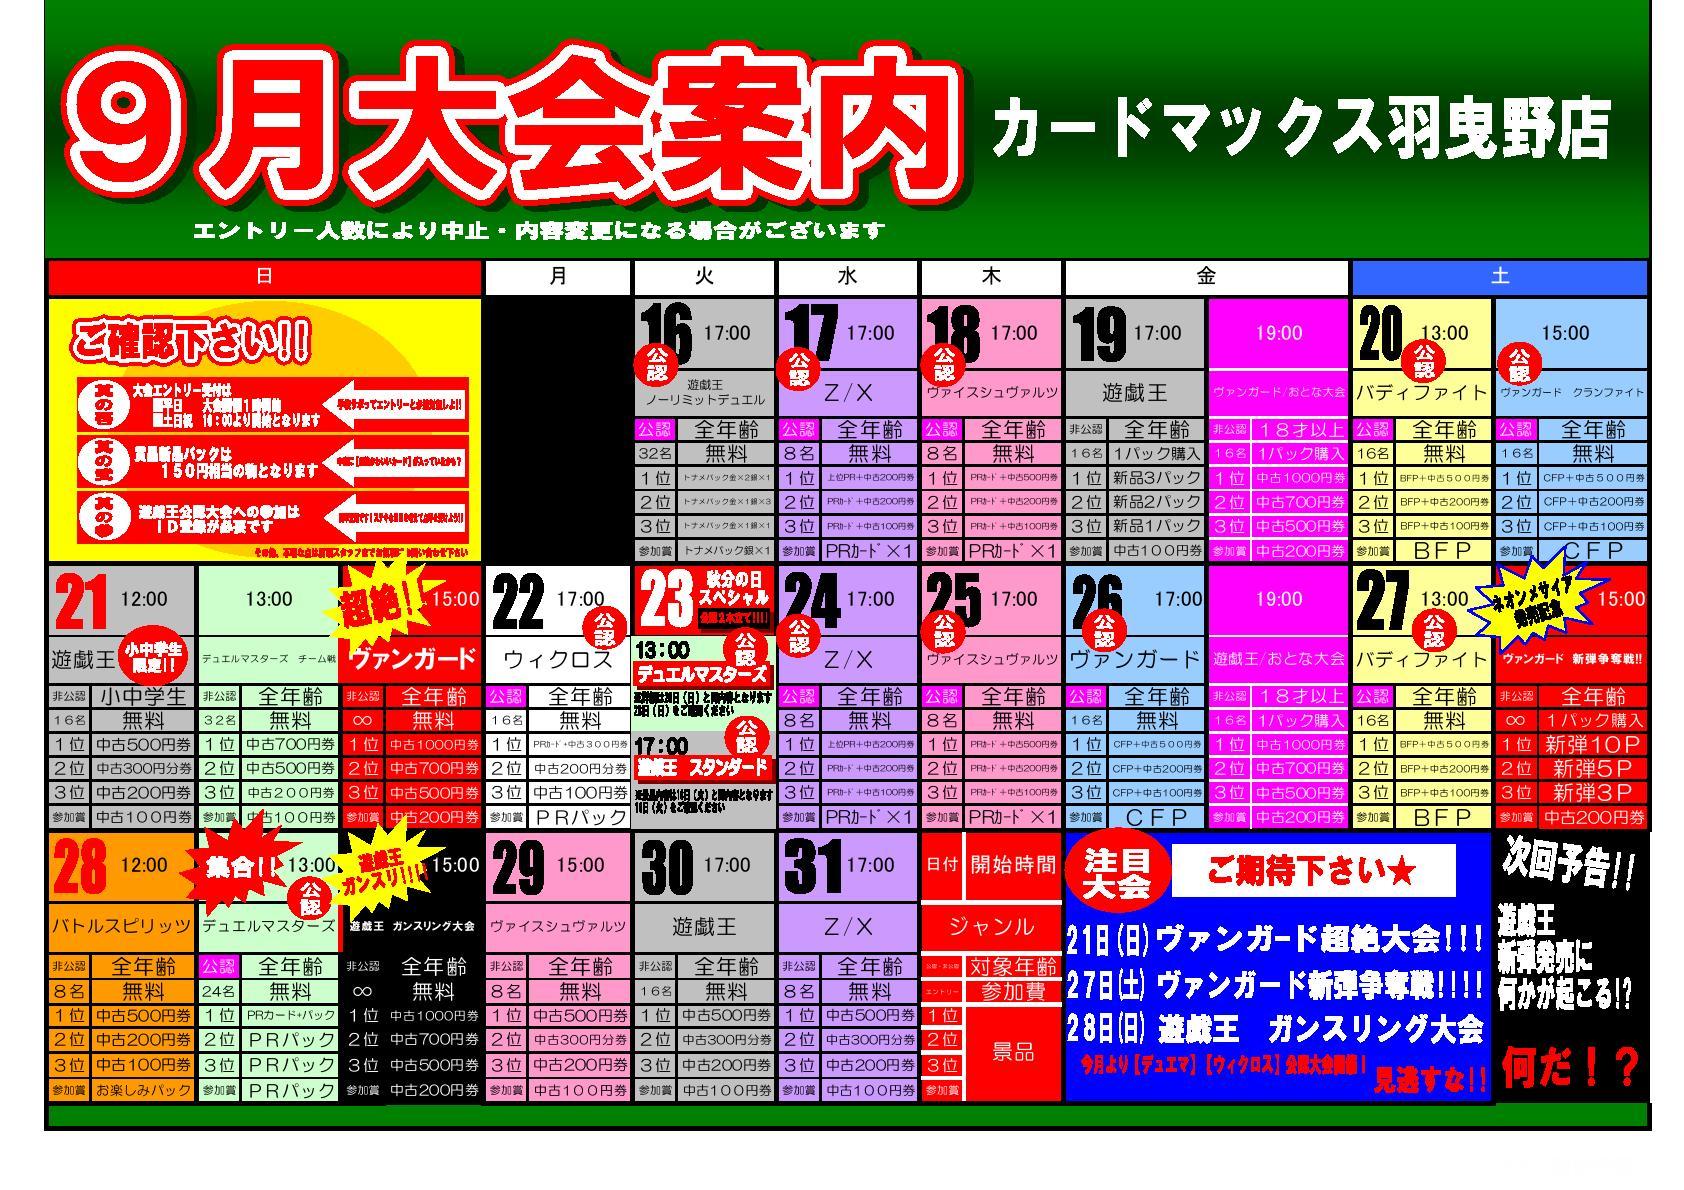 【羽曳野店】9月後半大会情報_d0259027_23585483.jpg